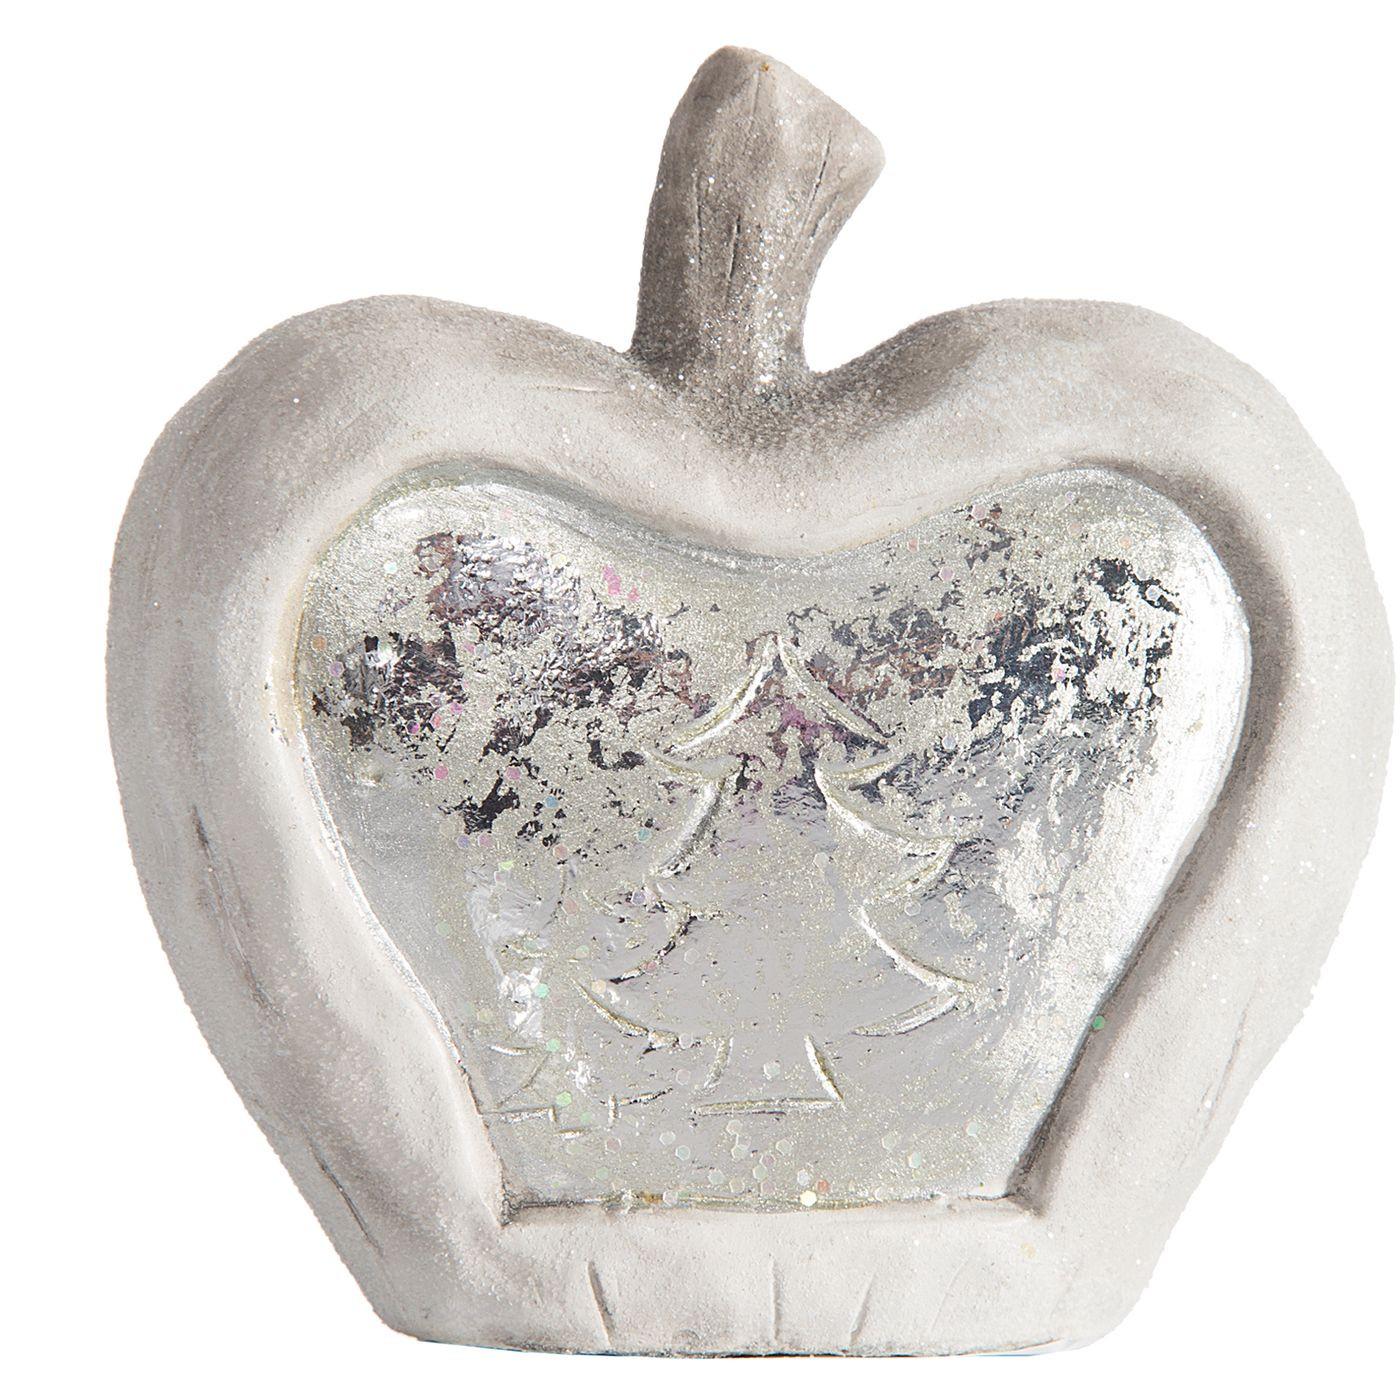 Figurka ceramiczna srebrzyste jabłko 13 x 6 x 14 cm